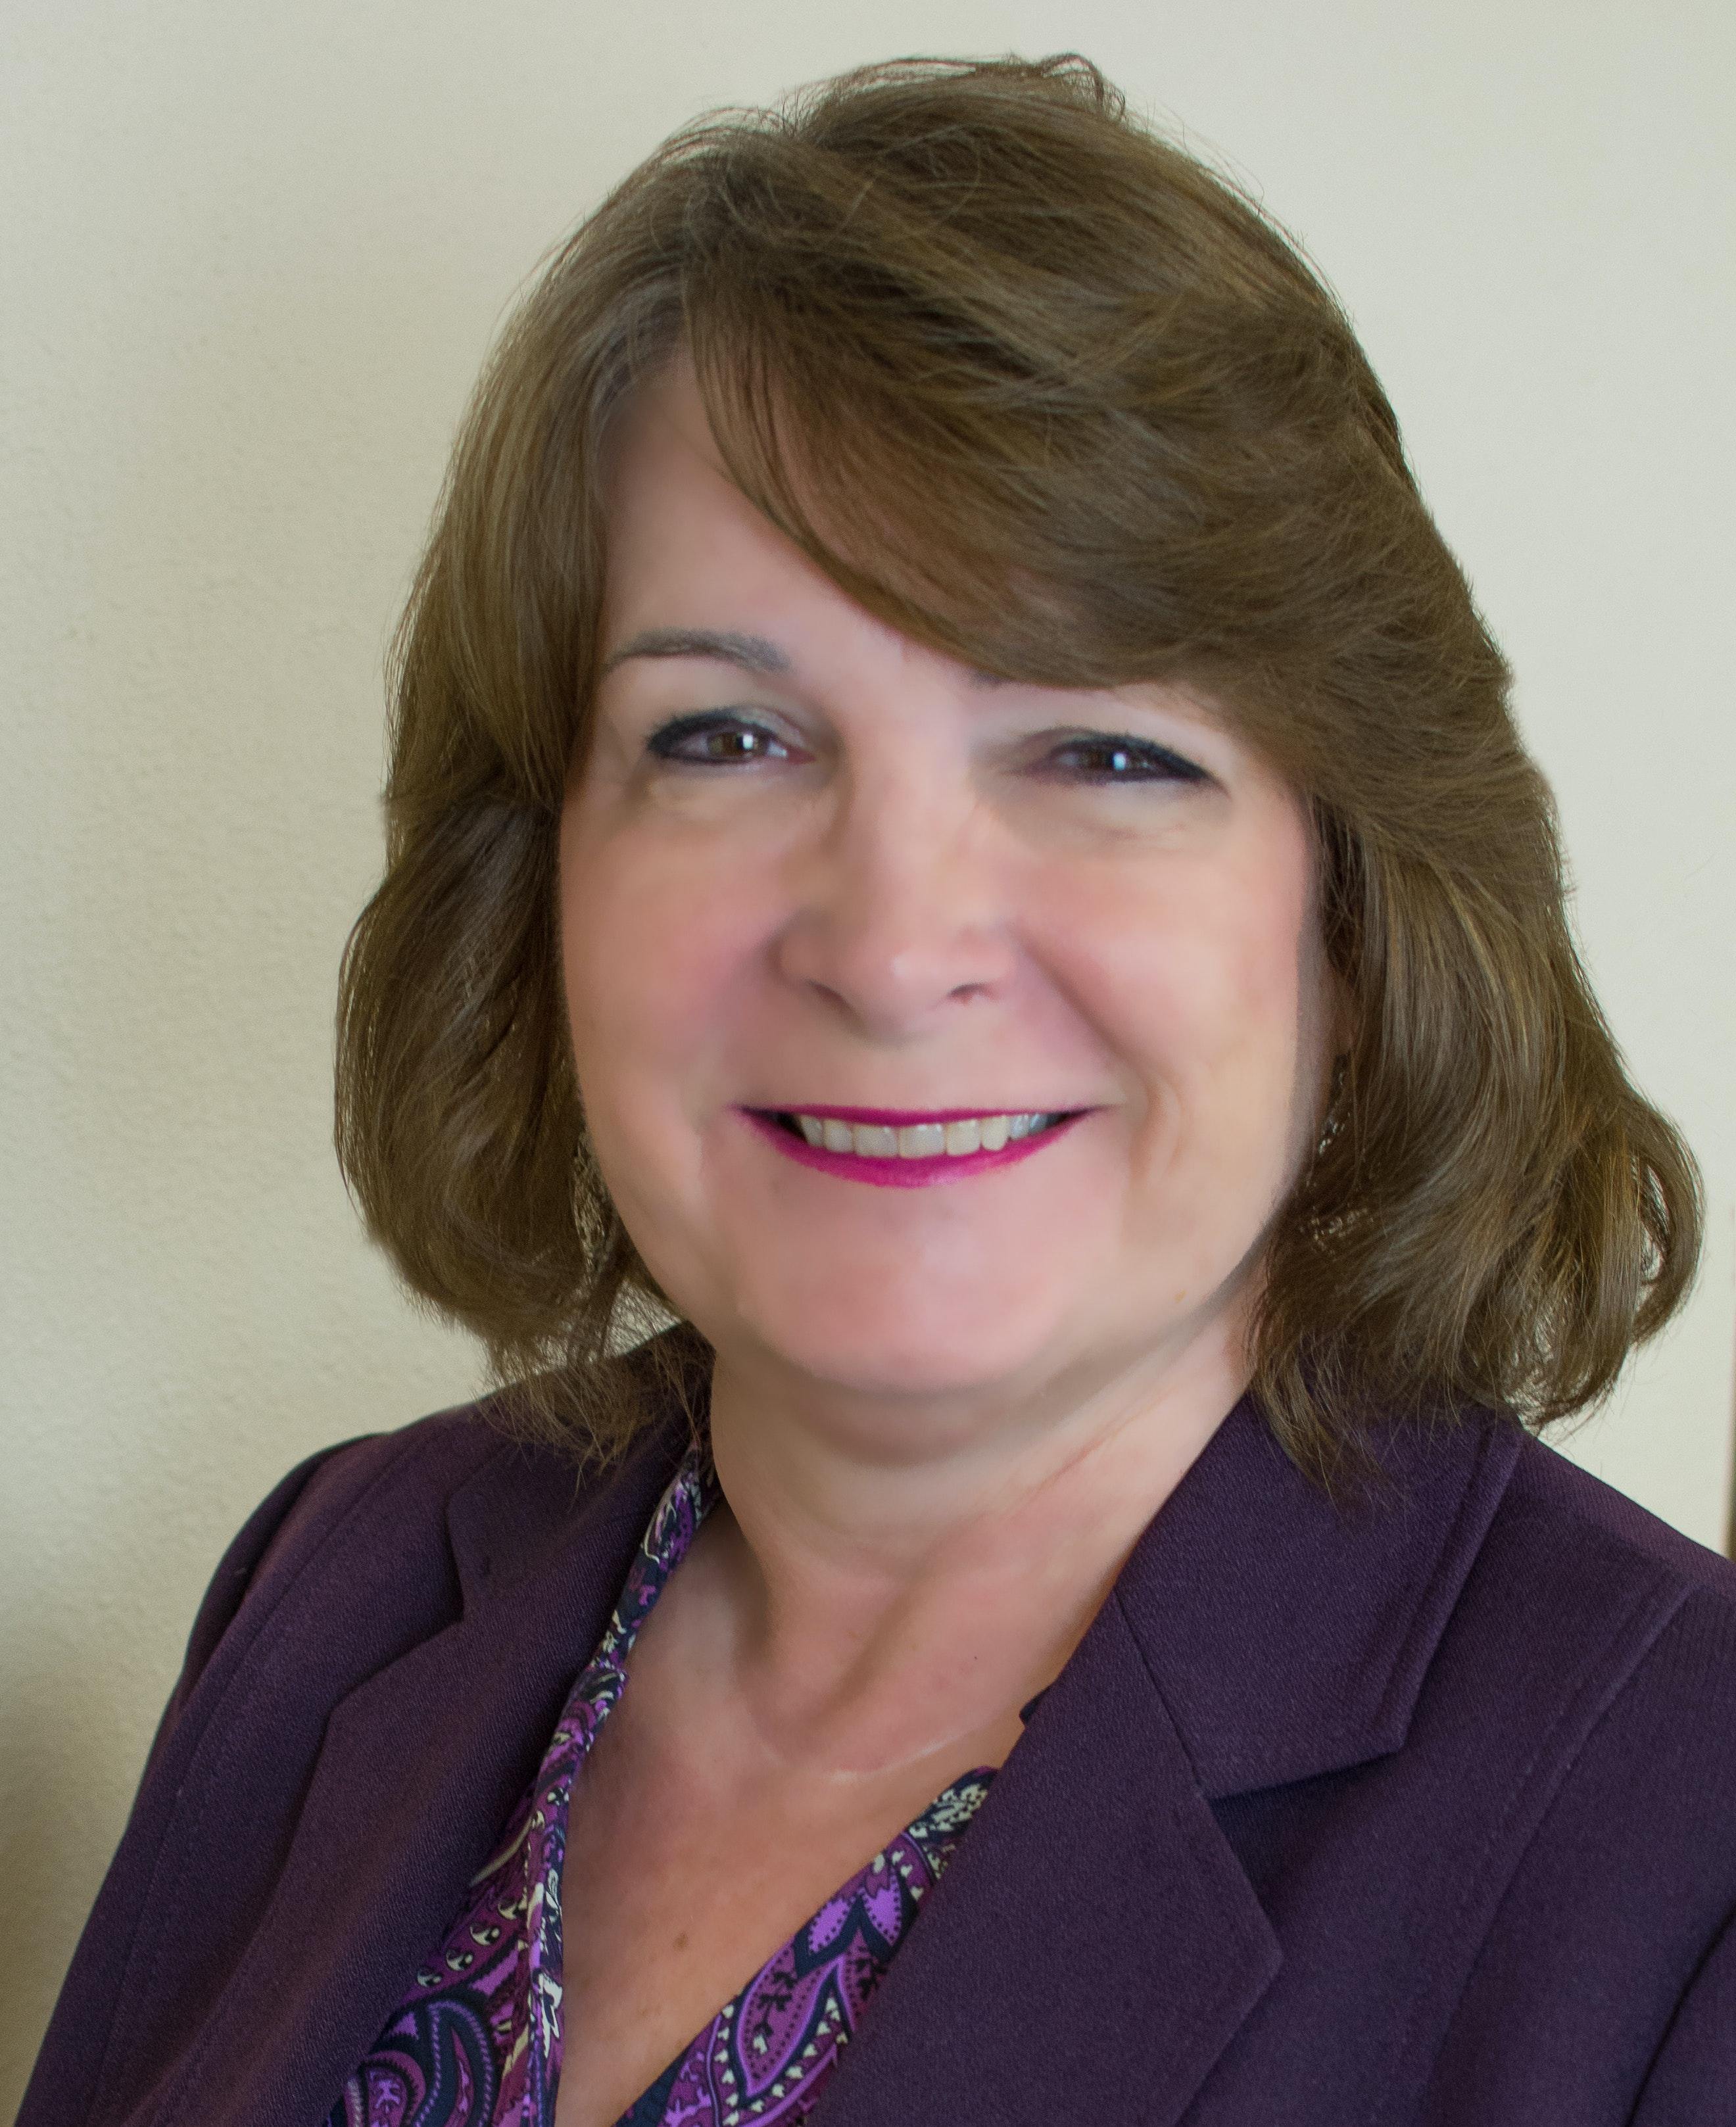 Carolyn Shope